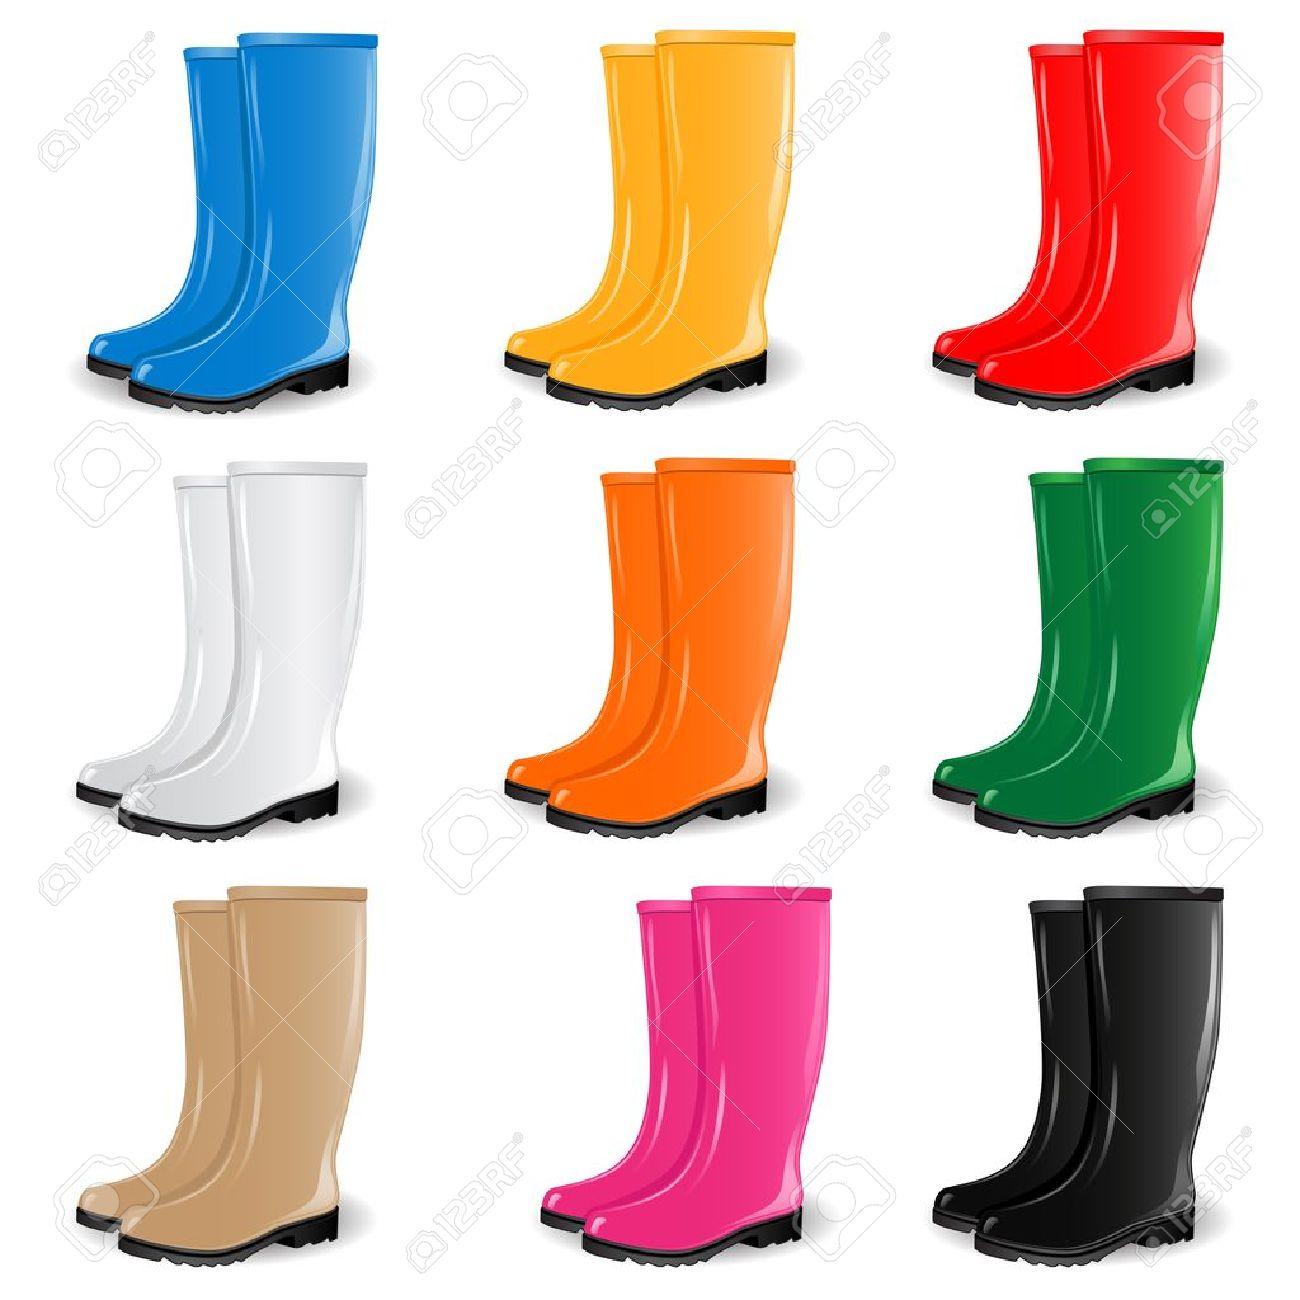 Colored Rain Boots